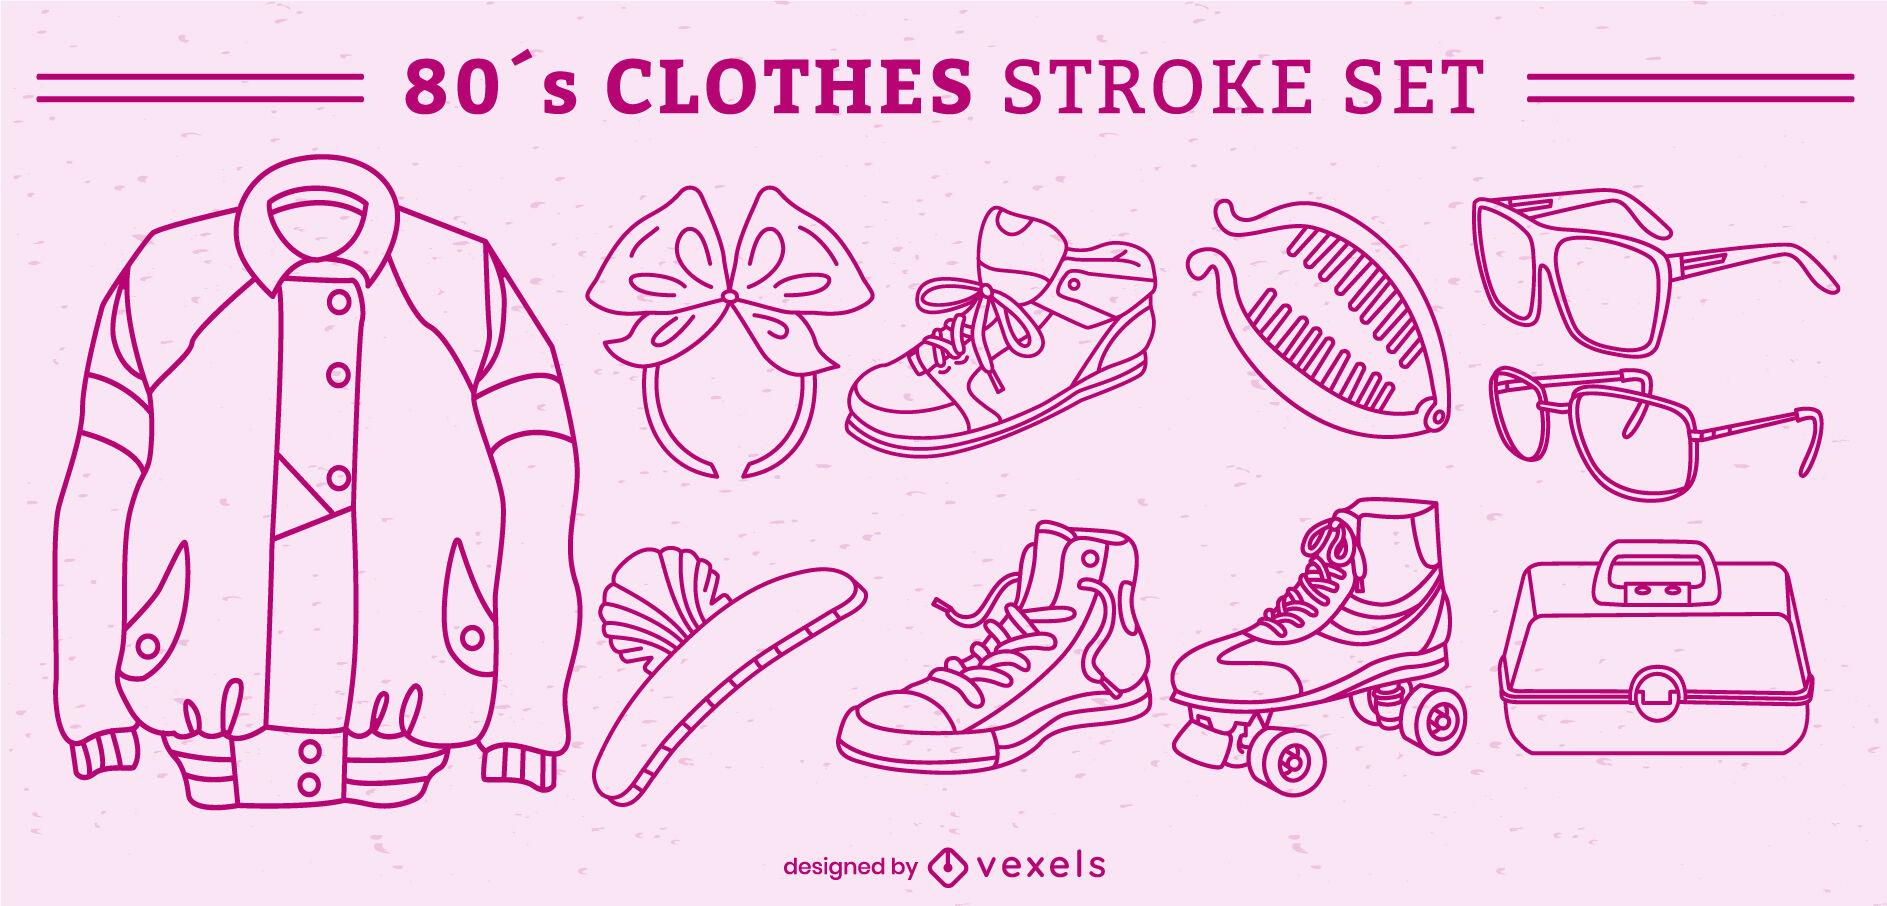 Retro clothing elements stroke set